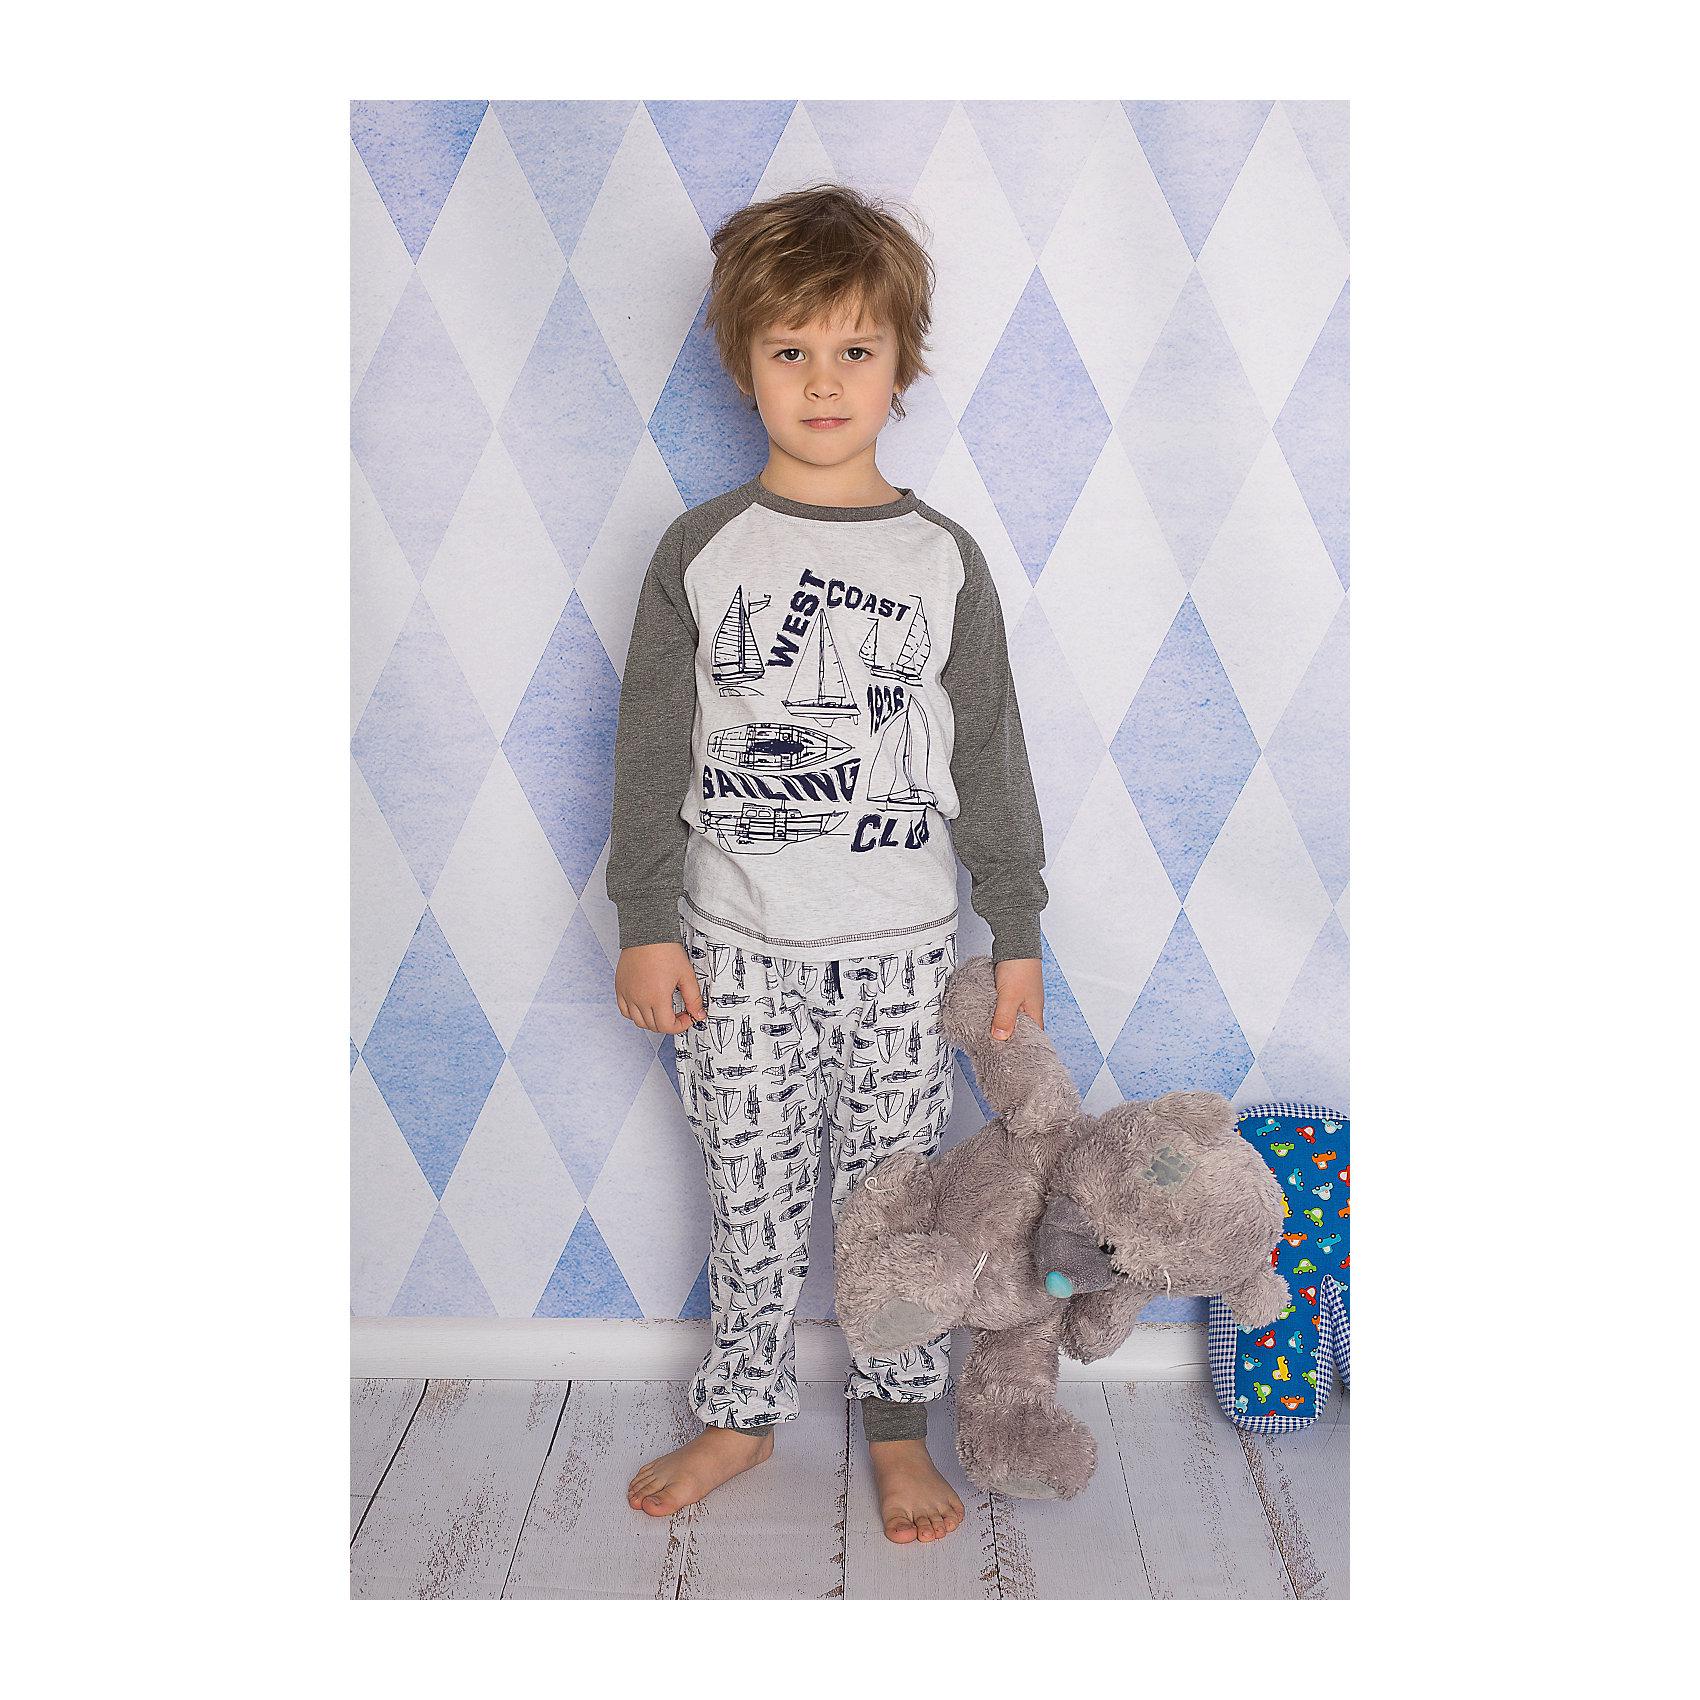 Комплект для мальчика: футболка с длинным рукавом и брюки Sweet BerryКомплект футболка с длинным рукавом и брюки из тонкого трикотажа для сна и дома. Брюки на поясе с внутренней резинкой и дополнительным хлопковым шнурком. Состав: 95% хлопок 5% эластан<br><br>Ширина мм: 281<br>Глубина мм: 70<br>Высота мм: 188<br>Вес г: 295<br>Цвет: серый<br>Возраст от месяцев: 108<br>Возраст до месяцев: 120<br>Пол: Мужской<br>Возраст: Детский<br>Размер: 140,110,116,128,134,98,104,122<br>SKU: 4633037